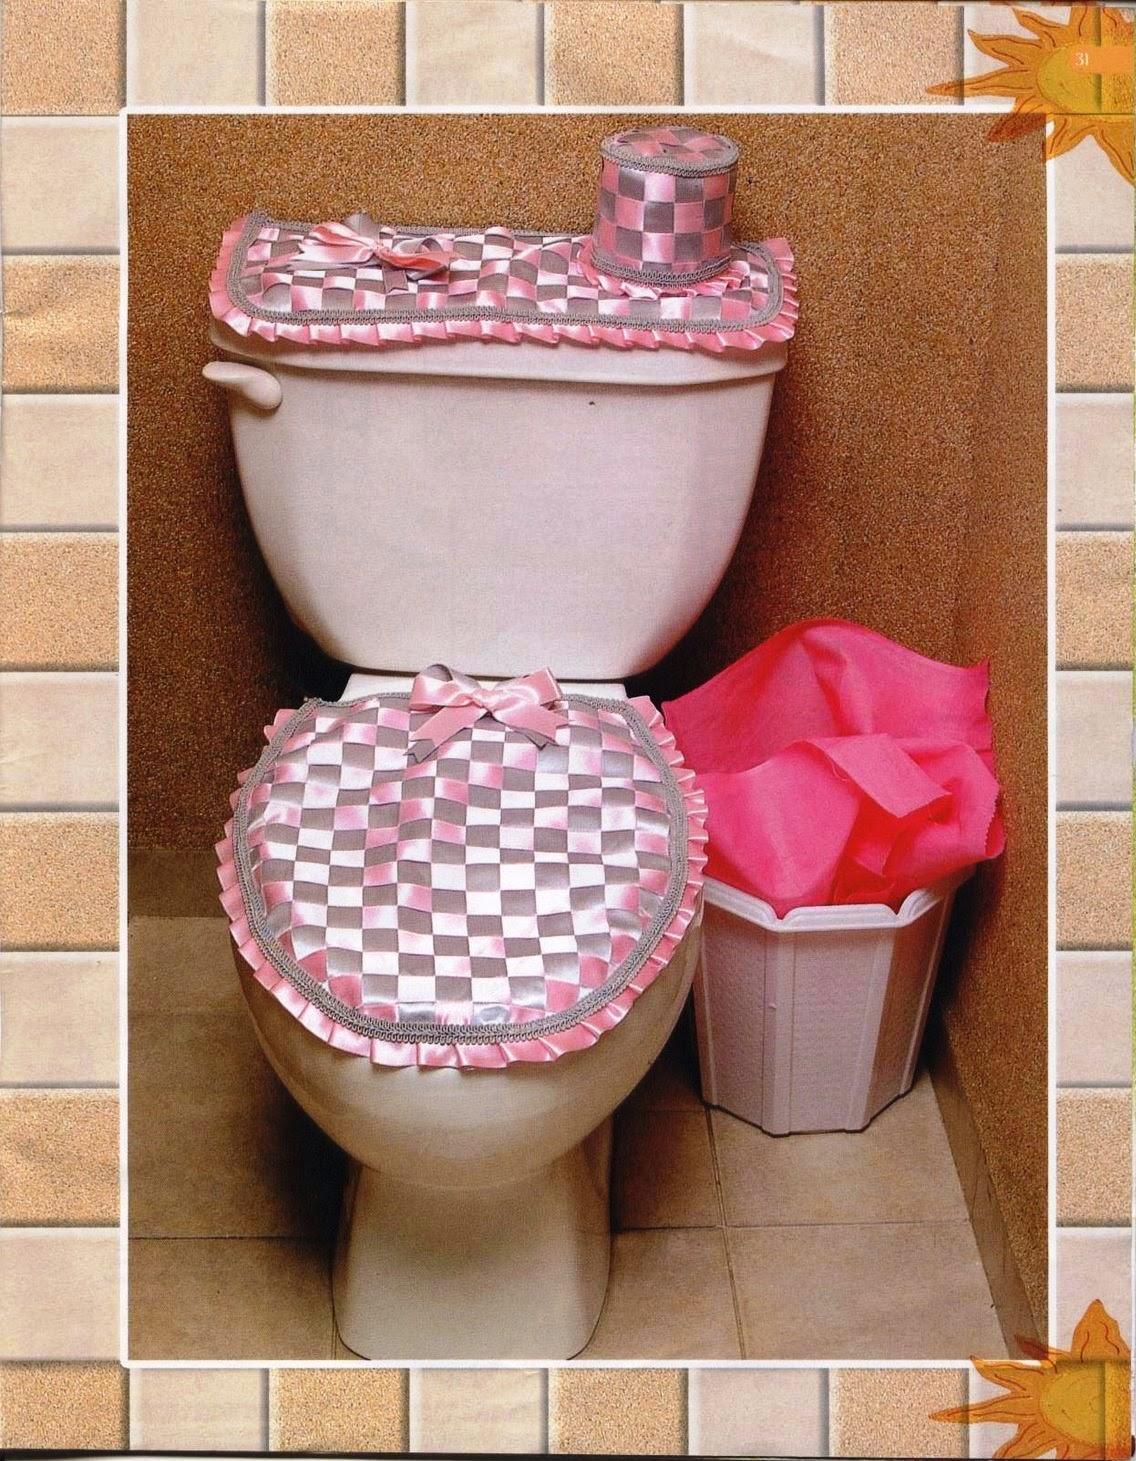 Creaciones Kathy Juegos De Baño:Como hacer juegos de baño – Revistas de manualidades Gratis